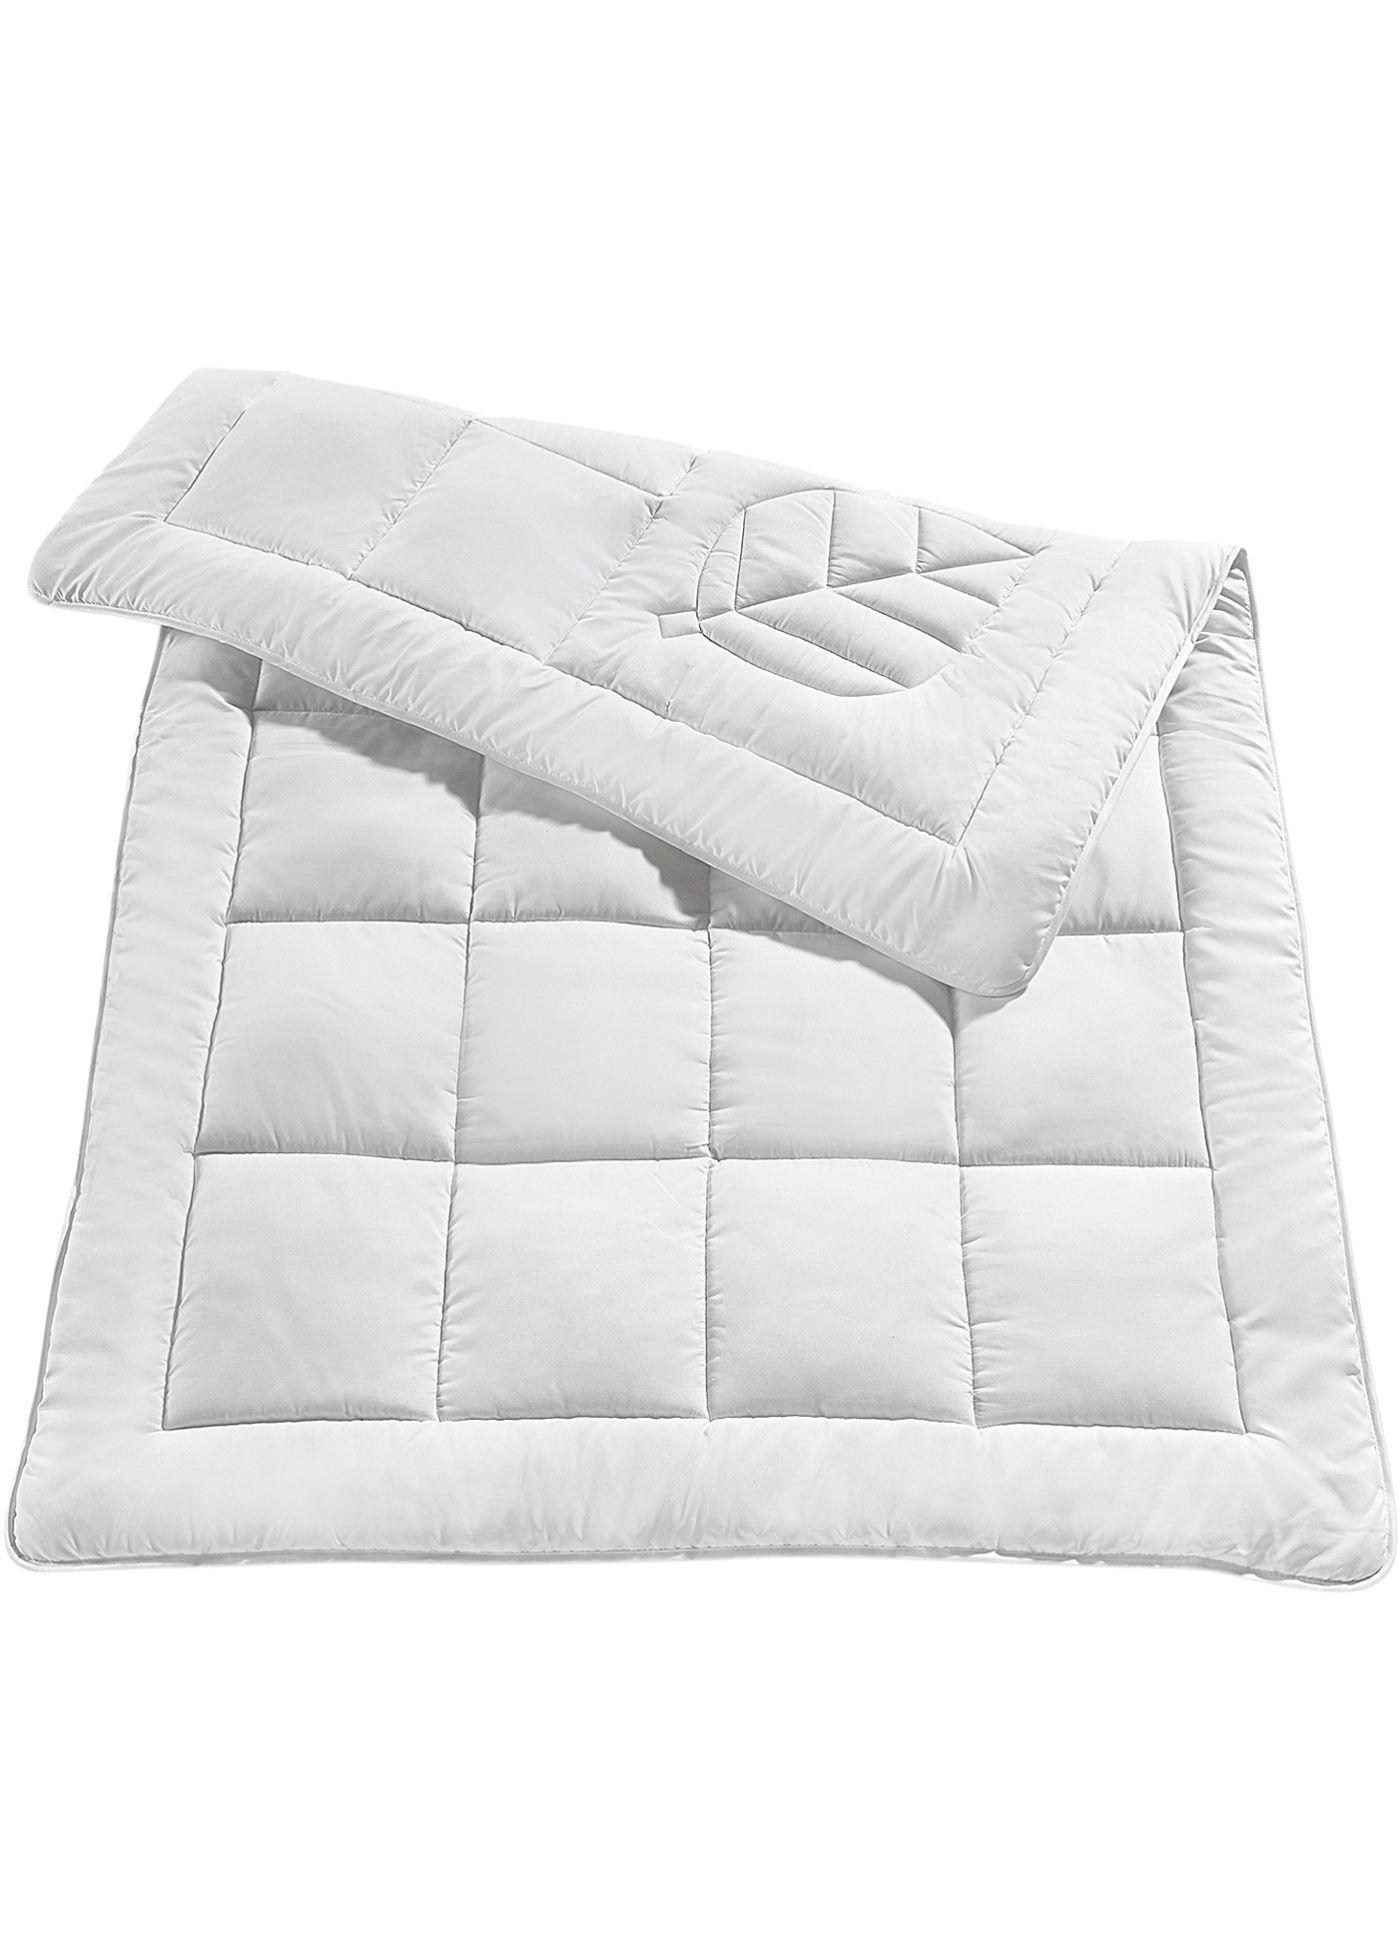 Allergiker Bettdecke Bettdecke Kassettendecke Und Bett